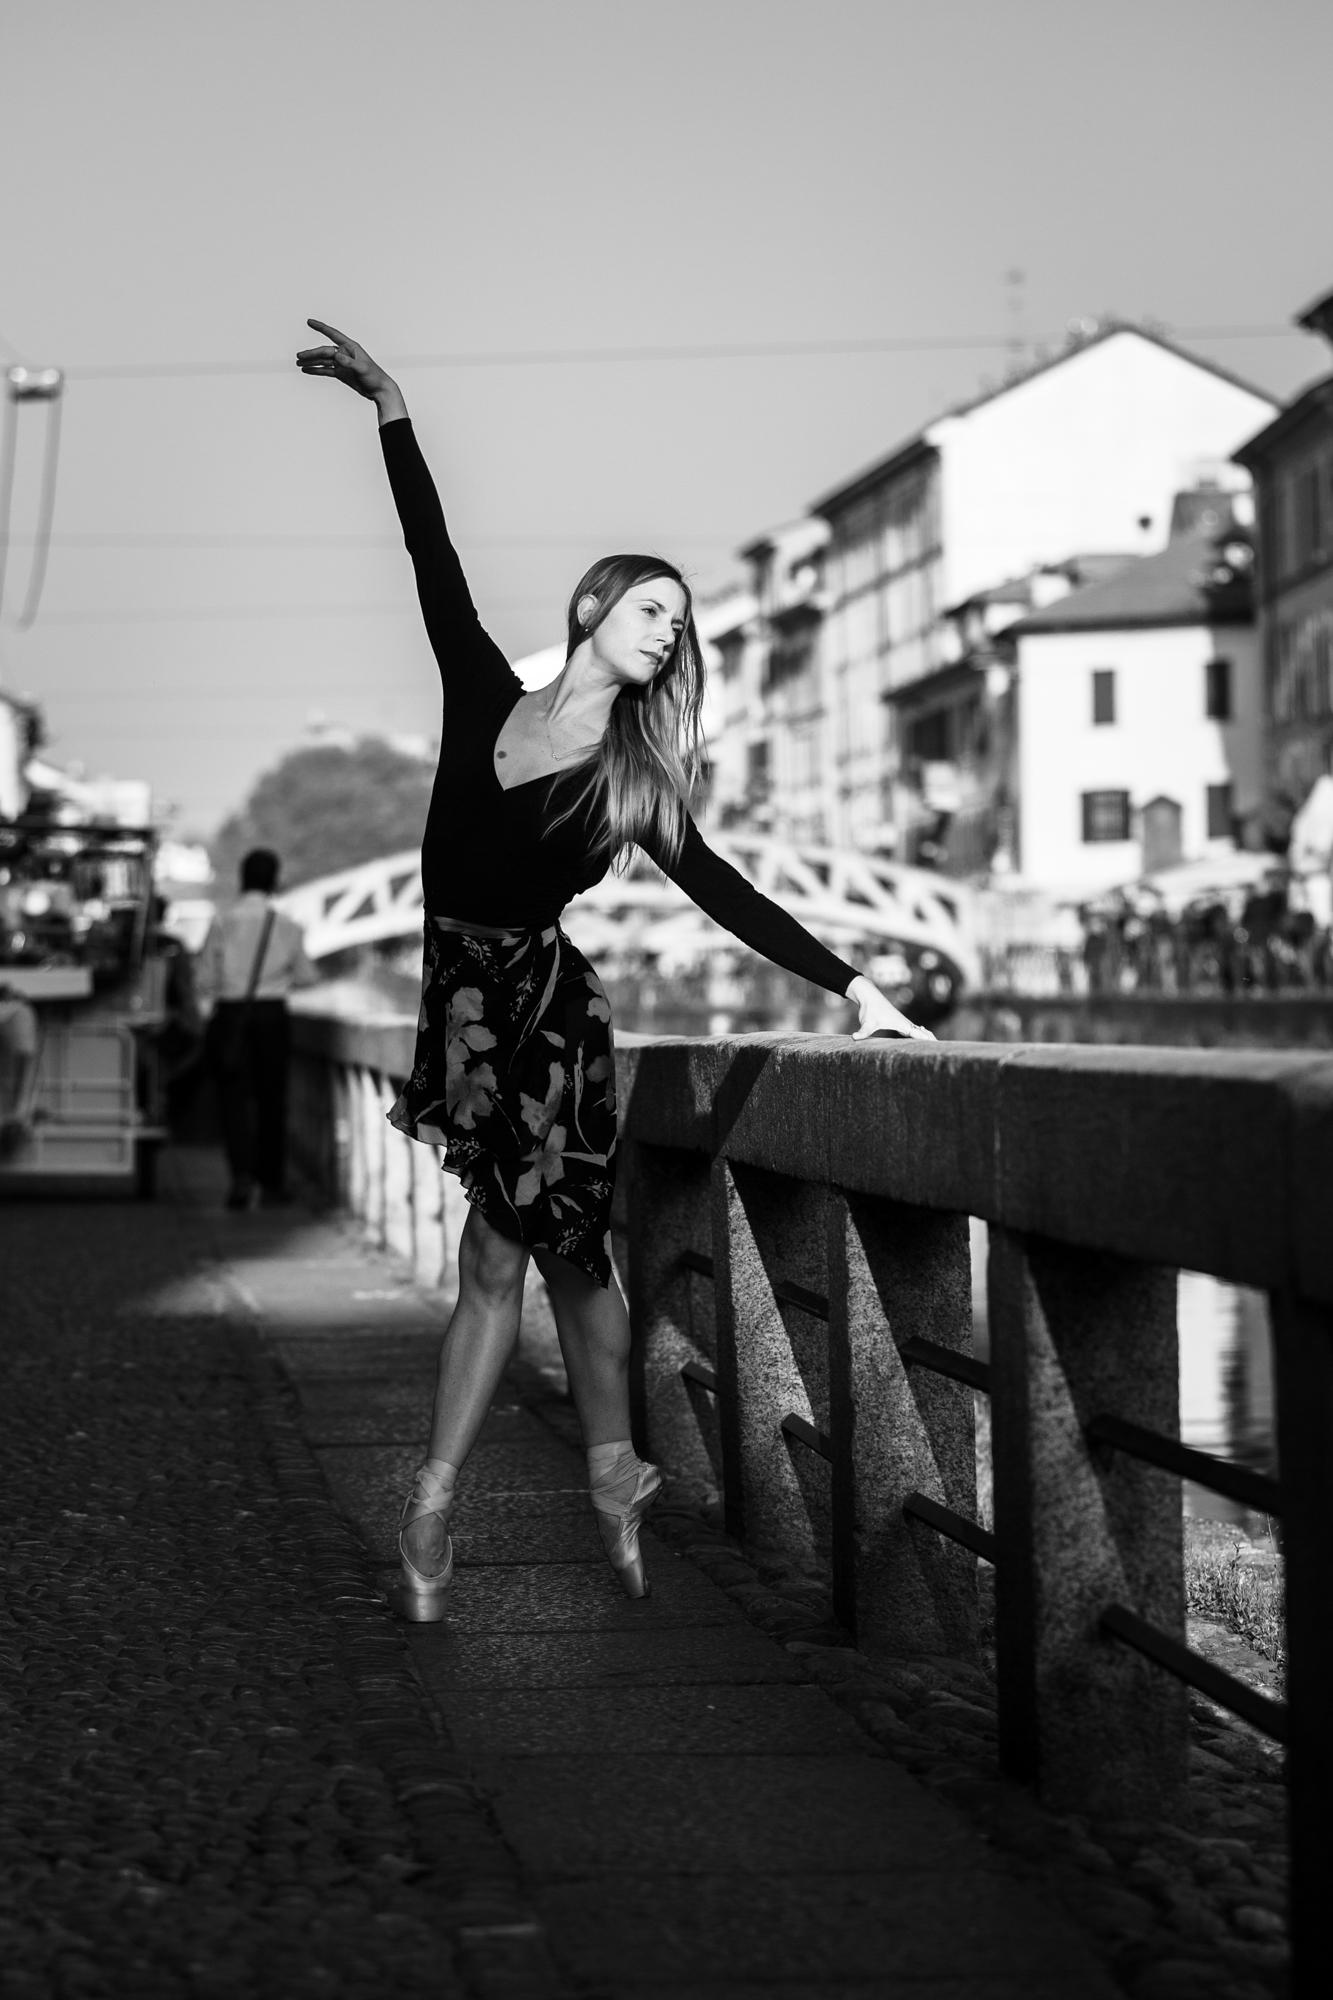 Shaila_ballerina-1